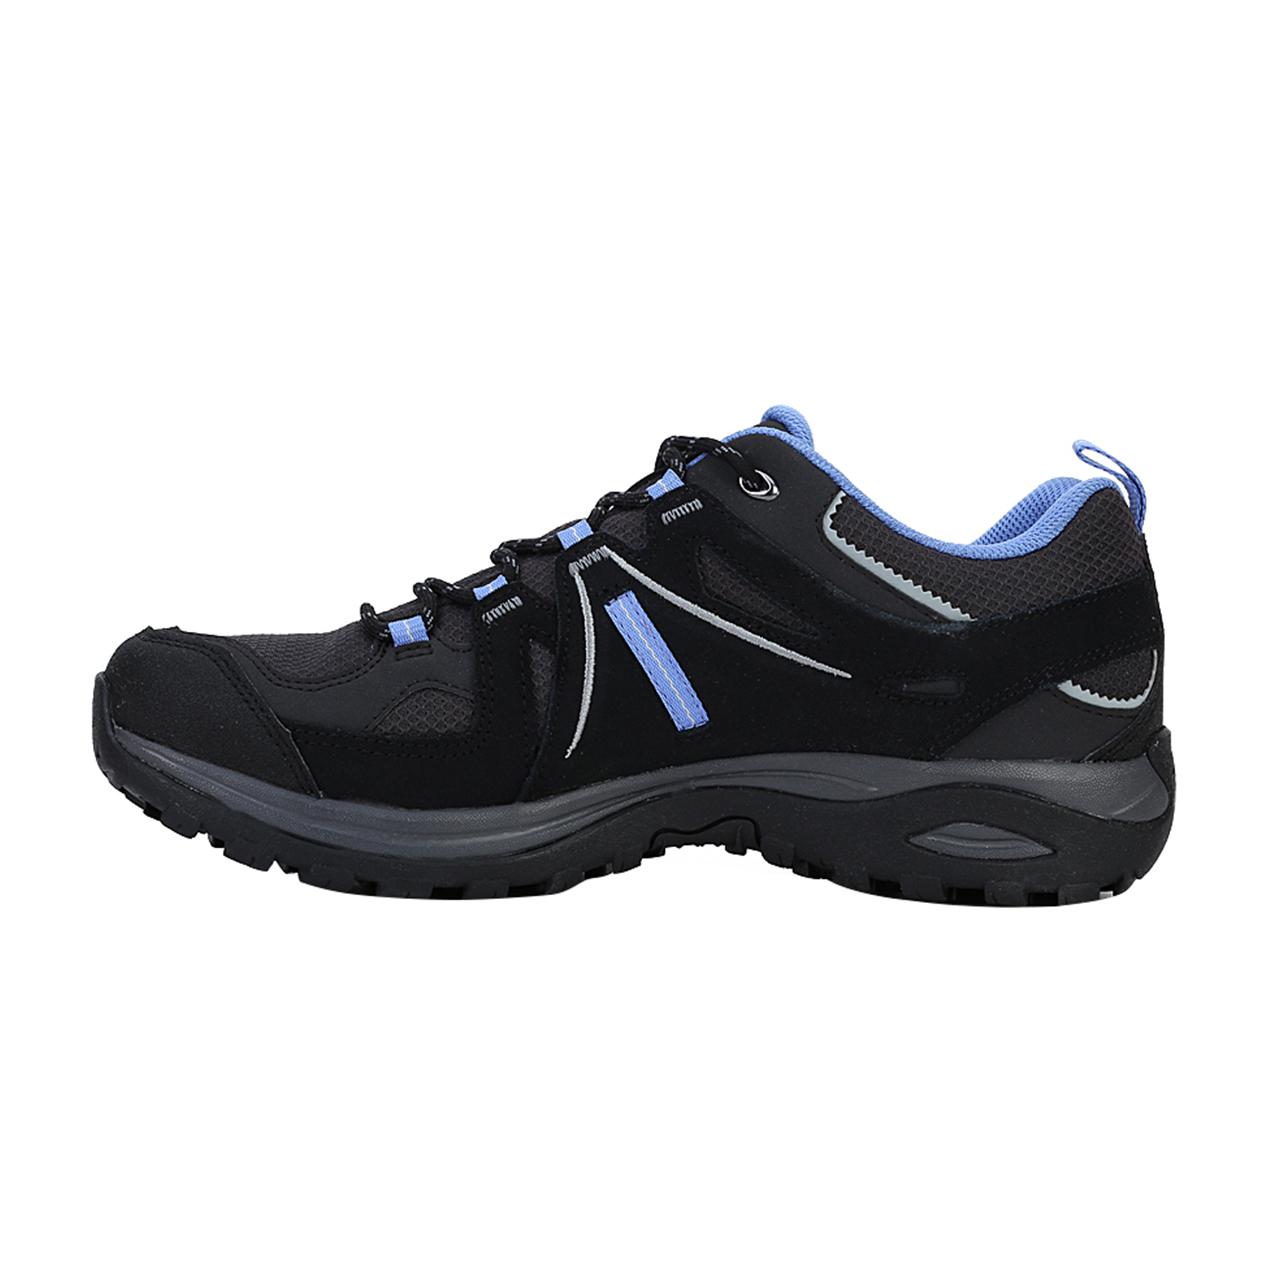 کفش مخصوص پیاده روی  زنانه سالومون مدل ELLIPSE 2 GTX